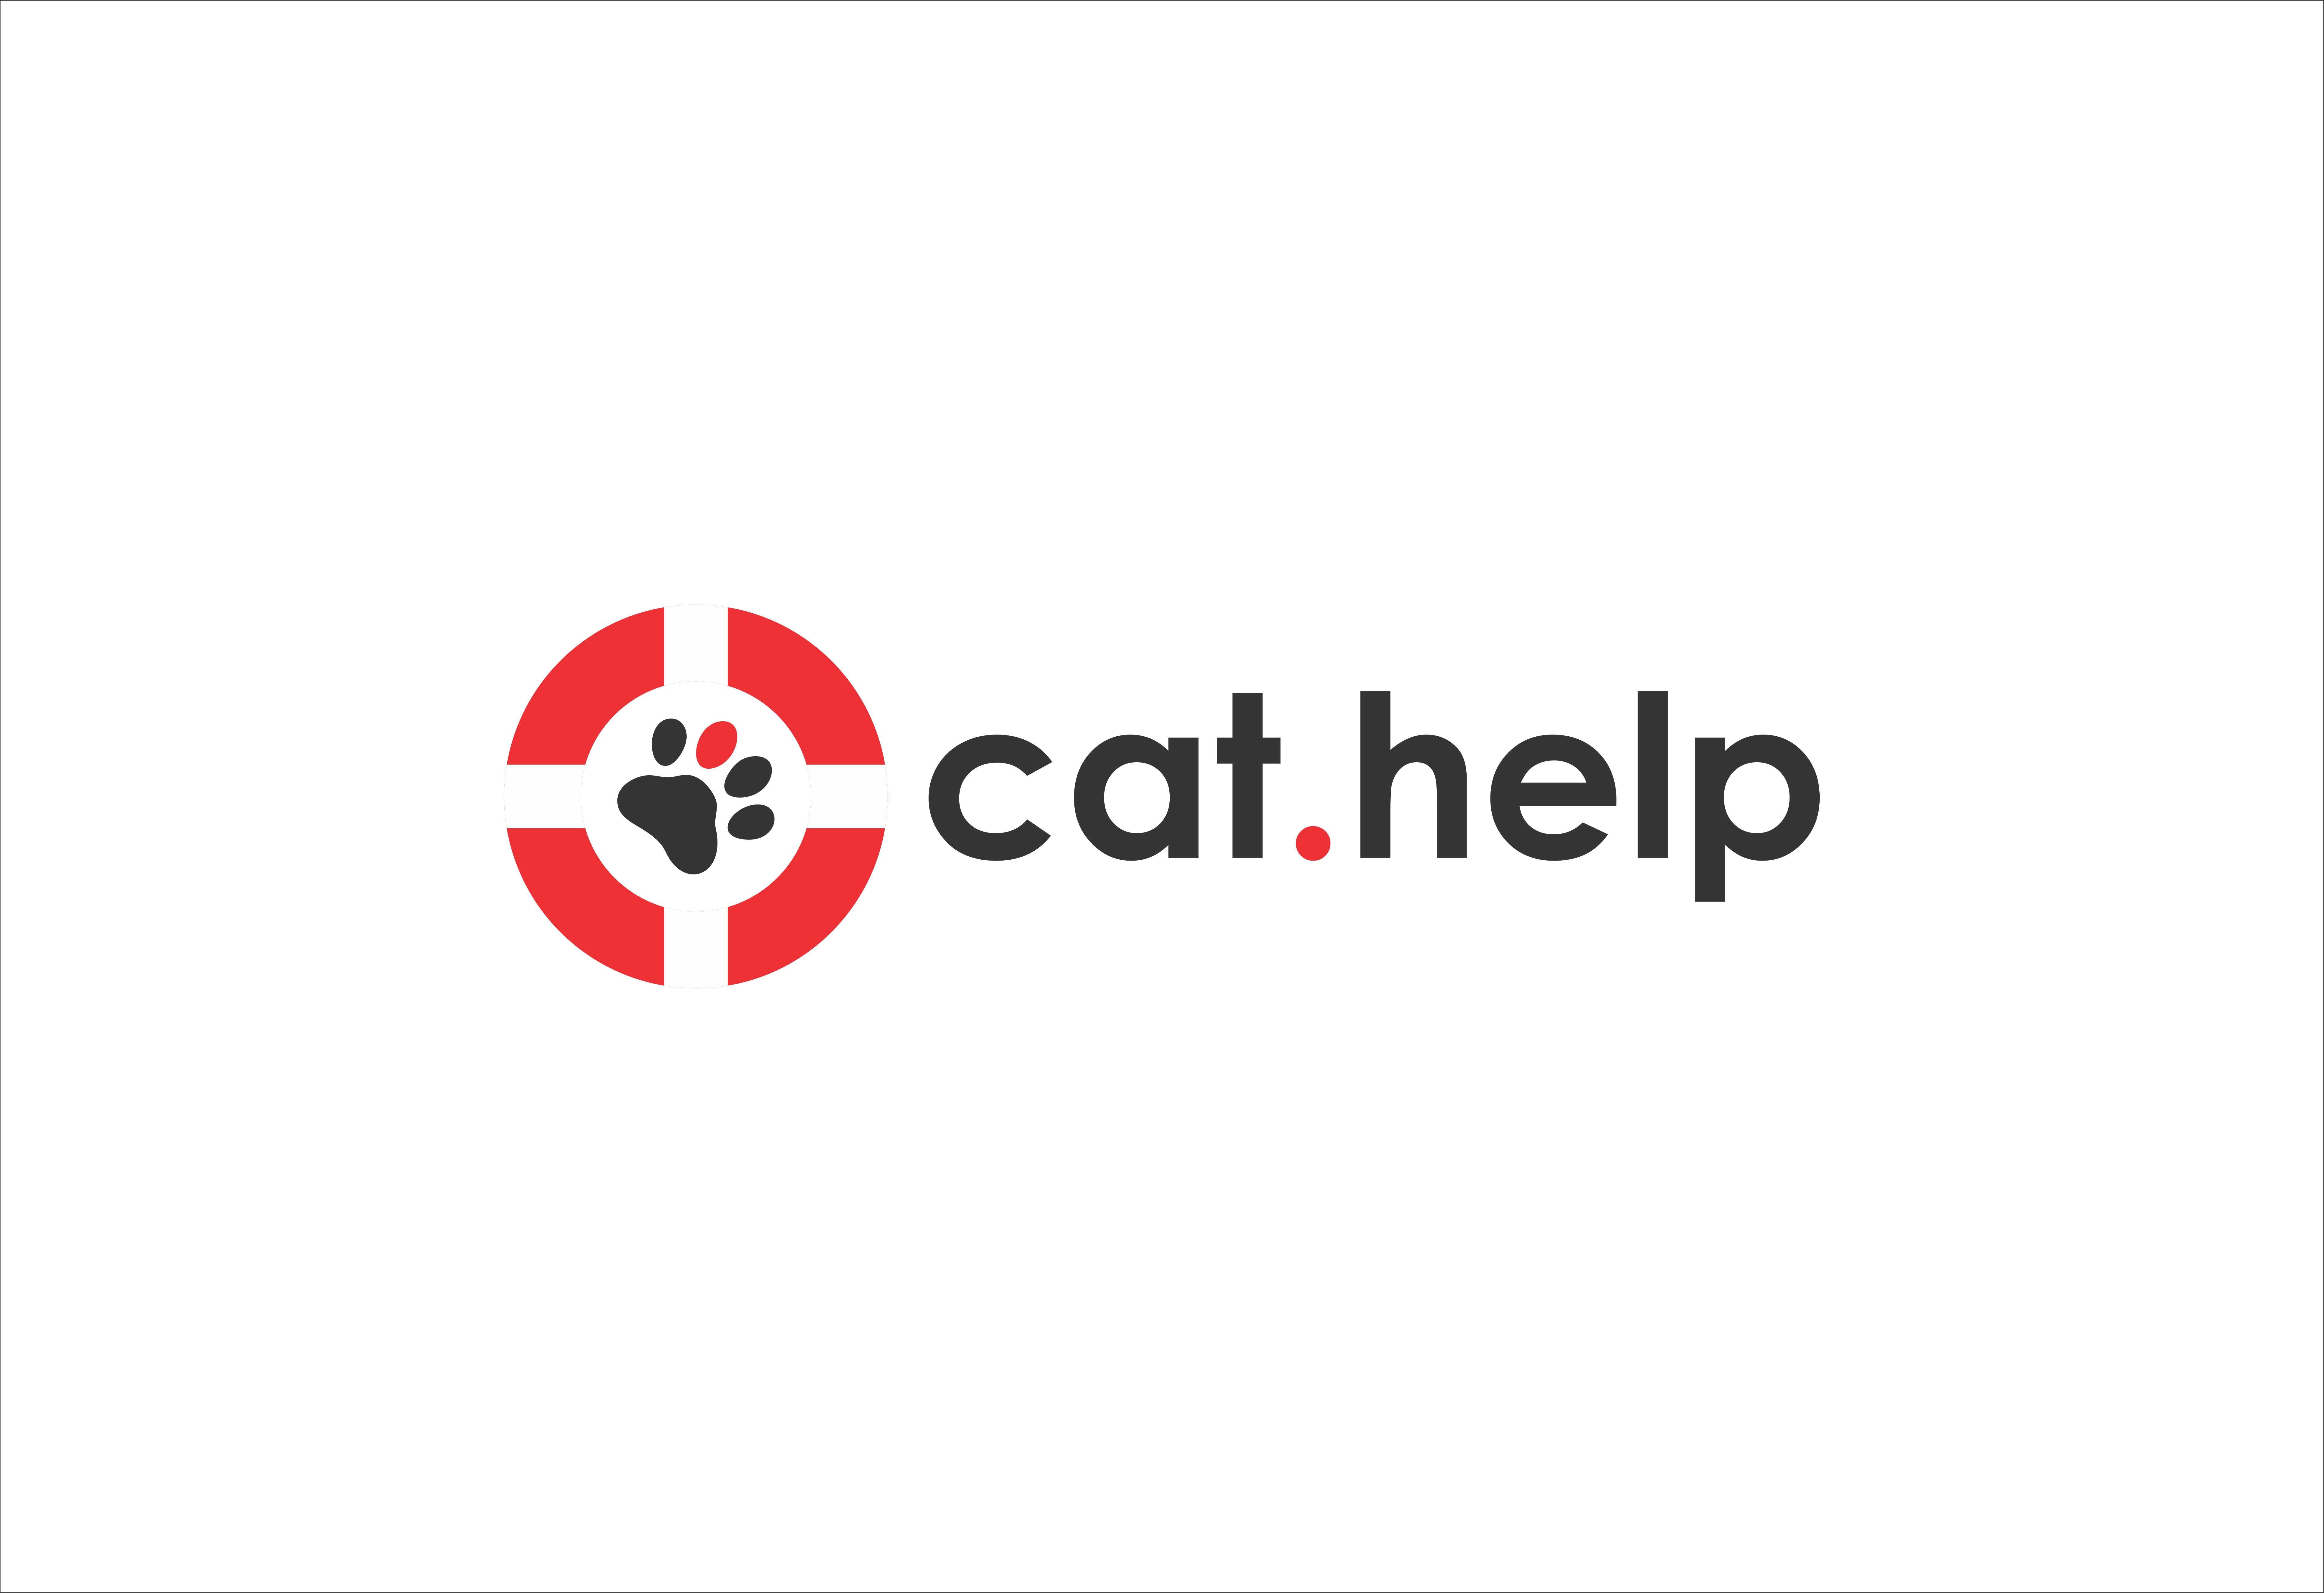 логотип для сайта и группы вк - cat.help фото f_93159daa0cd714e1.jpg